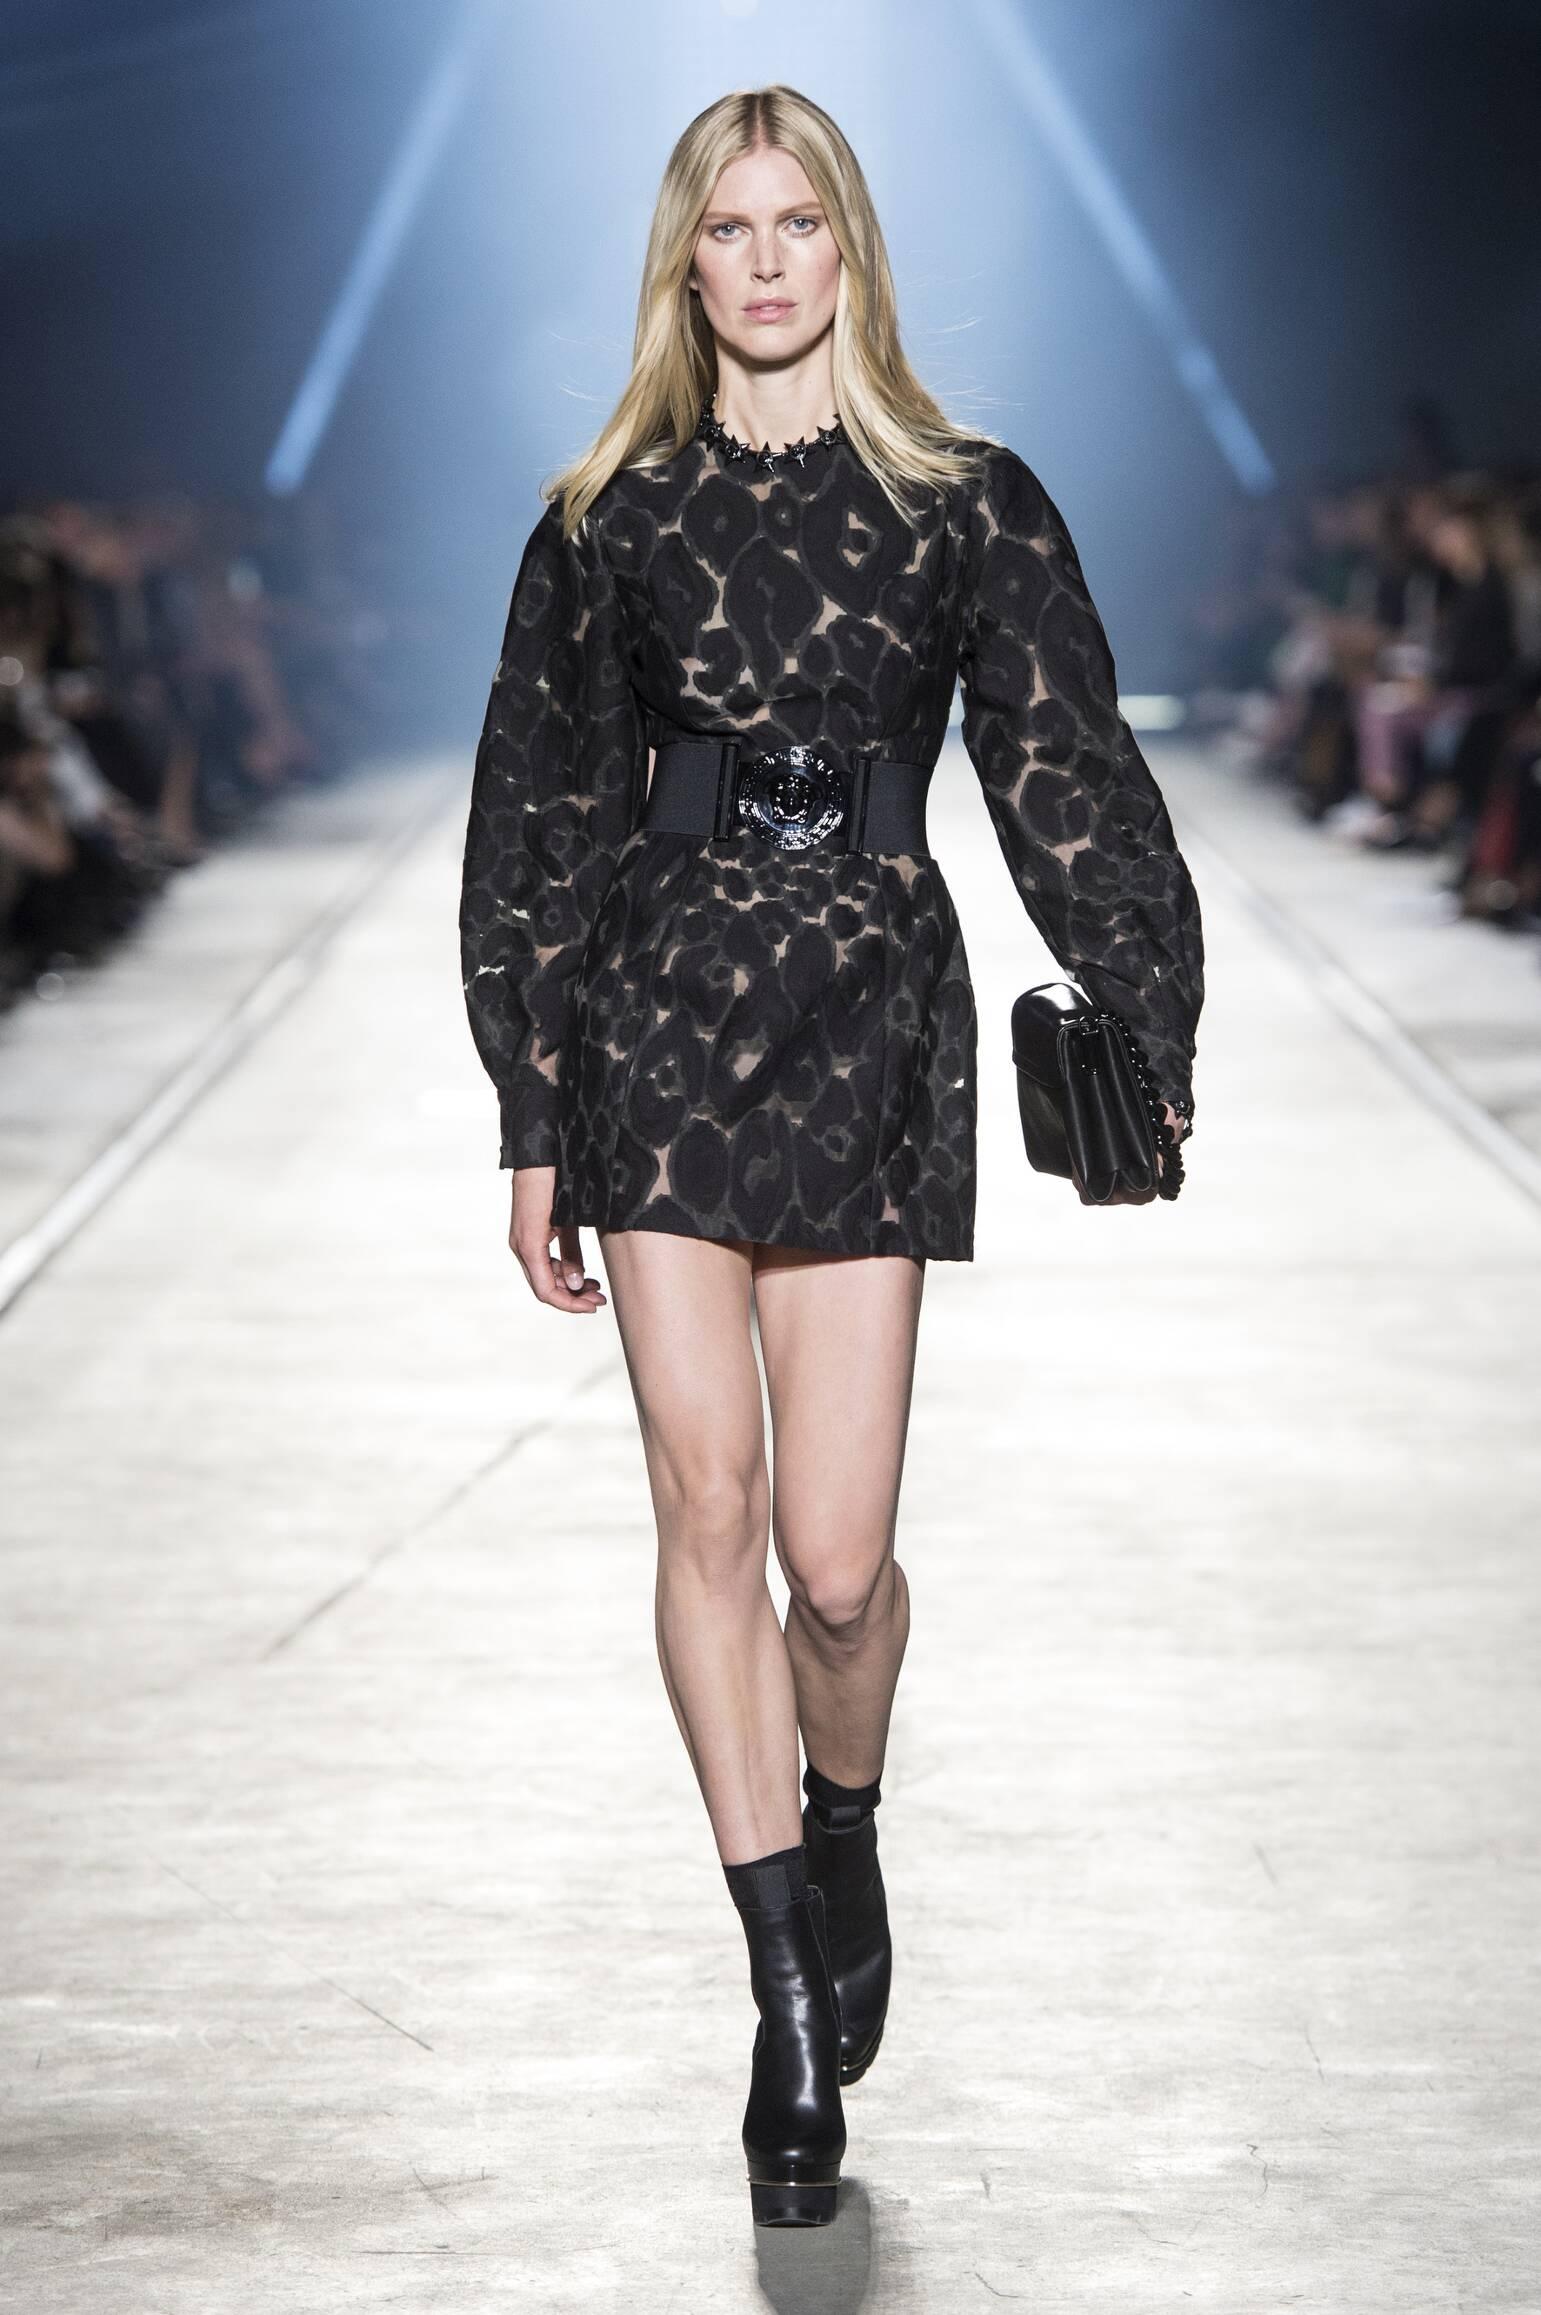 Versace Summer 2016 Catwalk